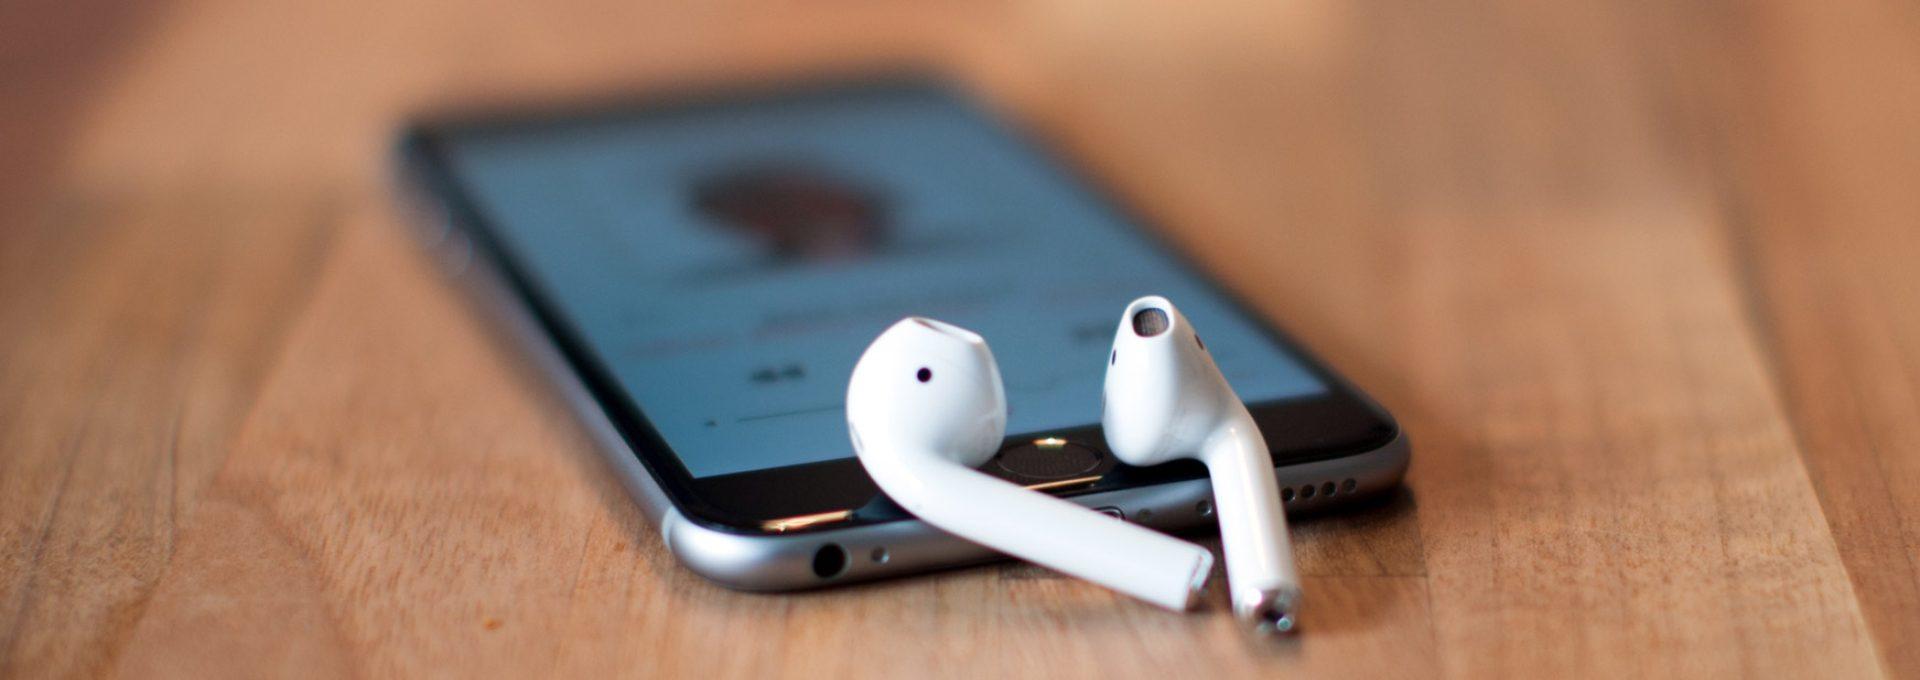 Die Grösse der AirPods ist im Vergleich mit dem dazu gelegten iPhone ersichtlich. Weiter ist die Form der InEar Kopfhörer klar erkennbar.